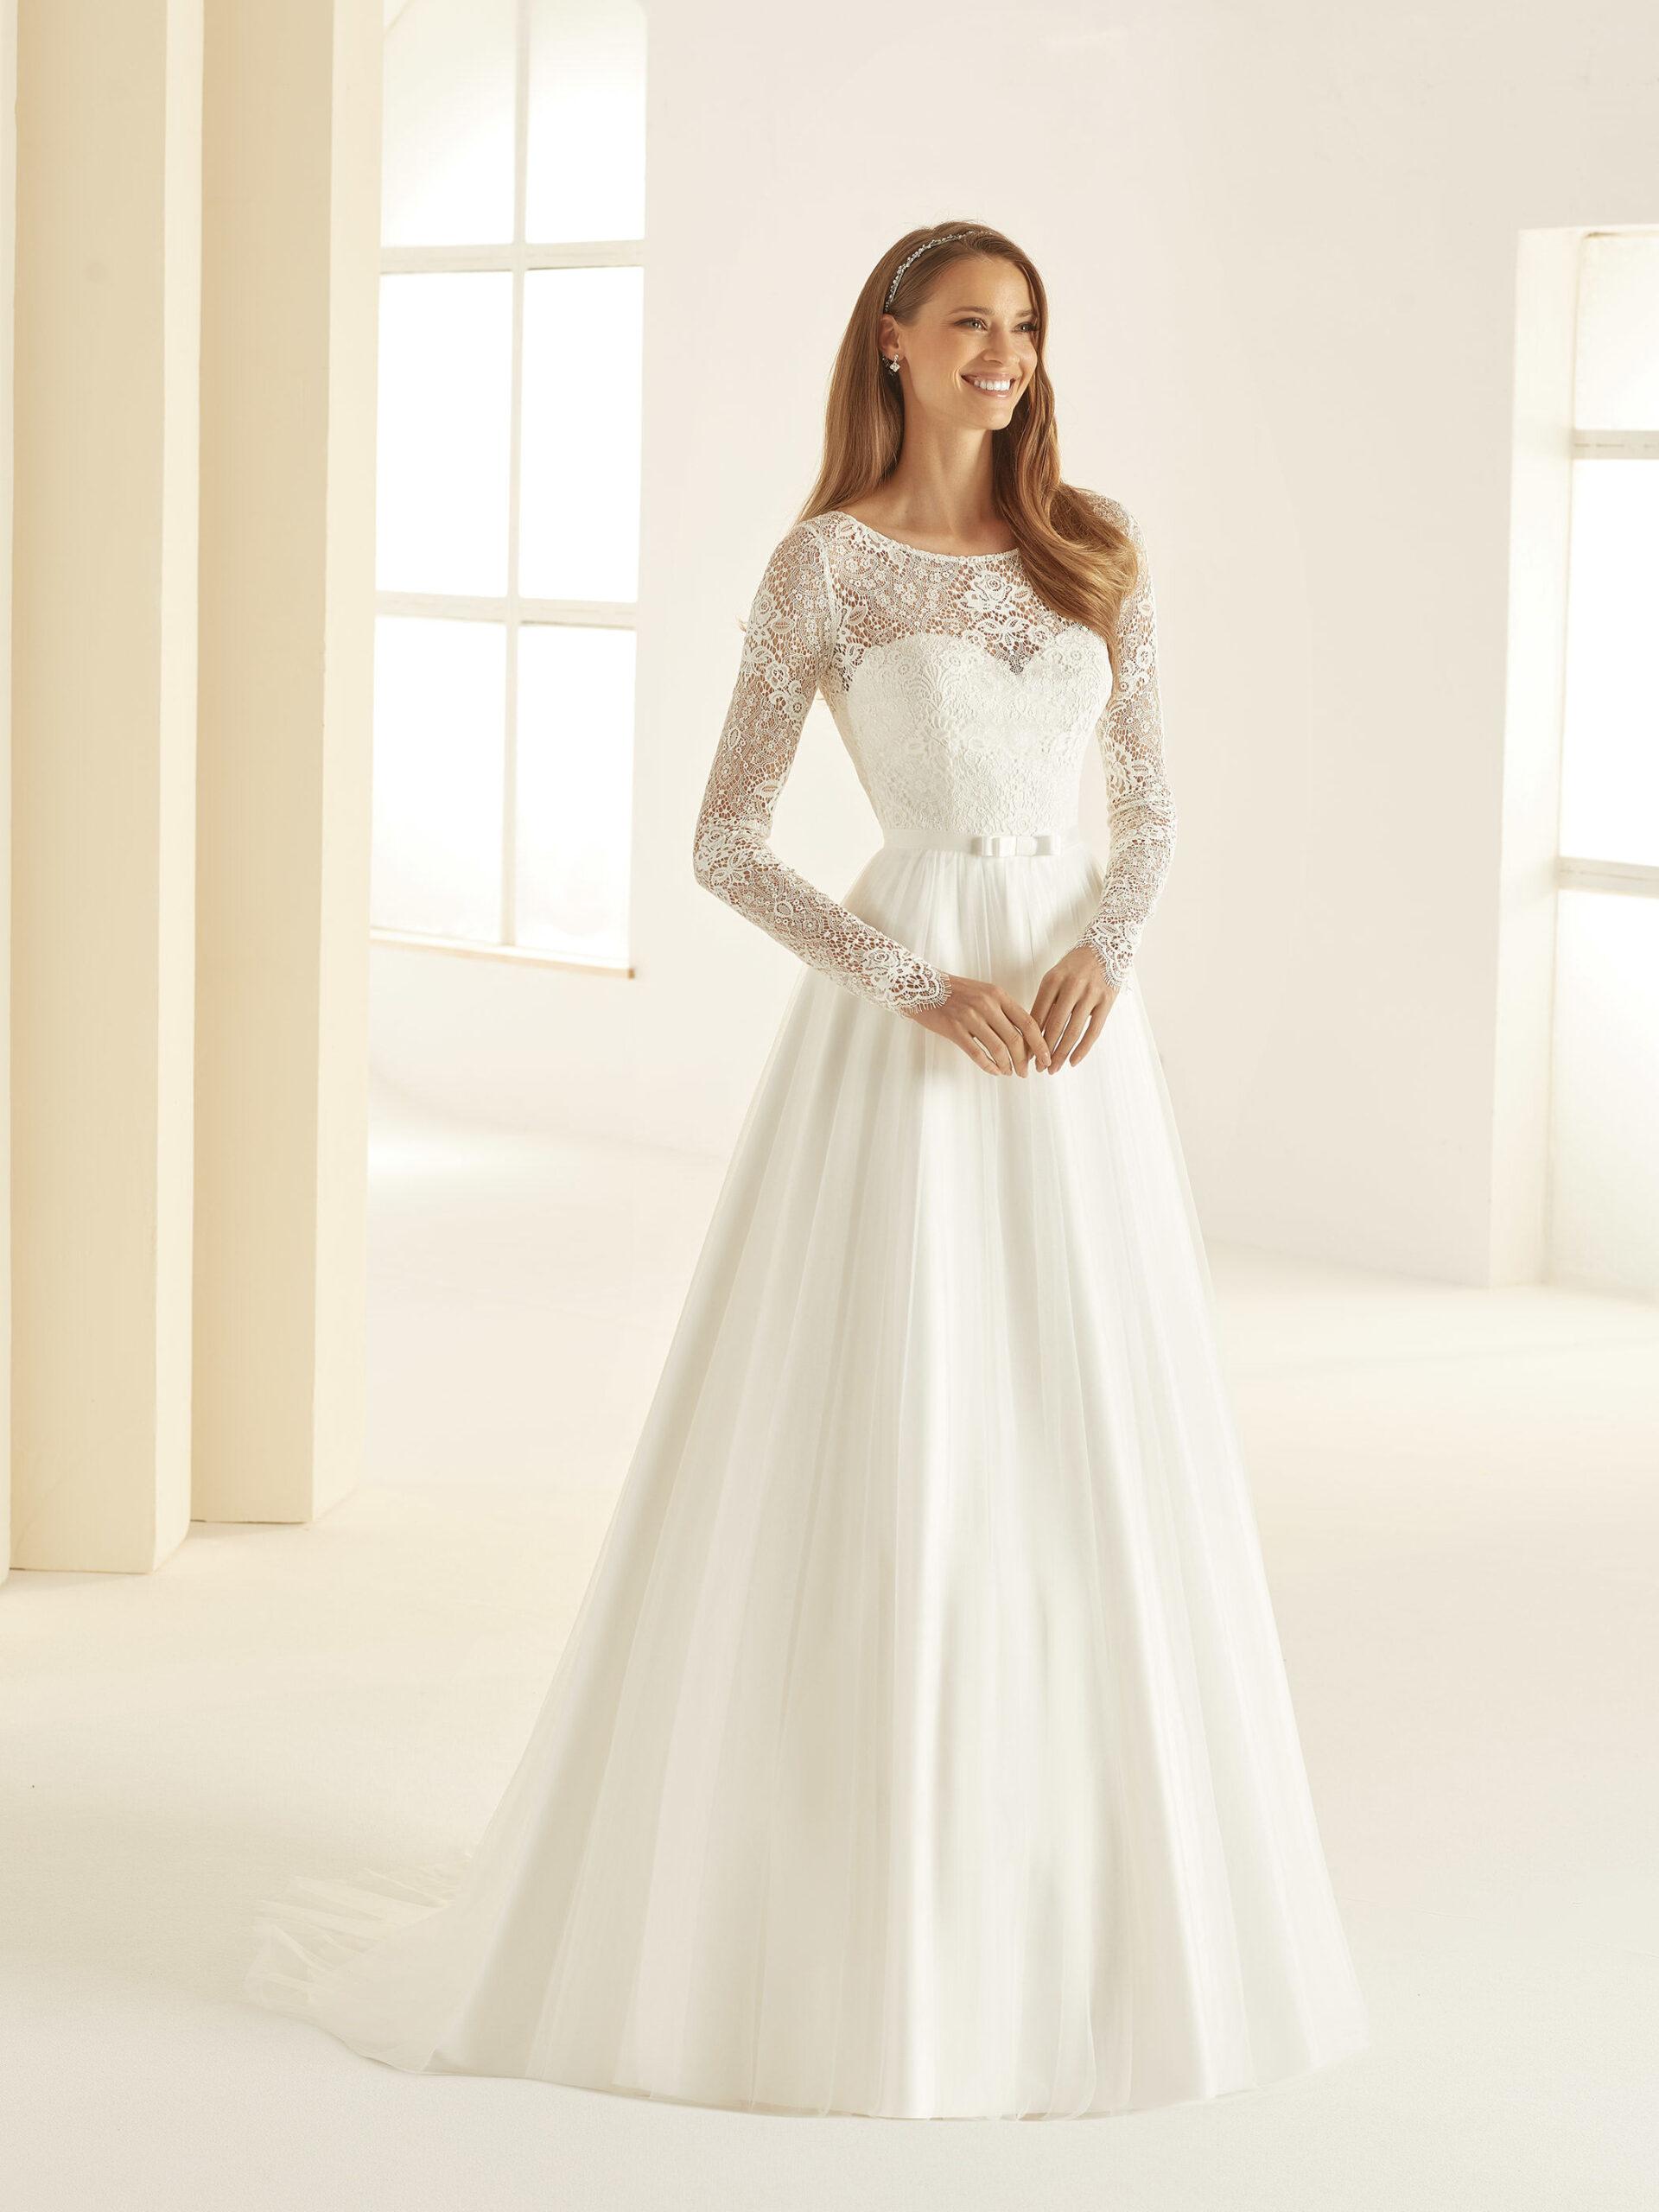 bianco-evento-bridal-dress-daniela-_1__2 (1)